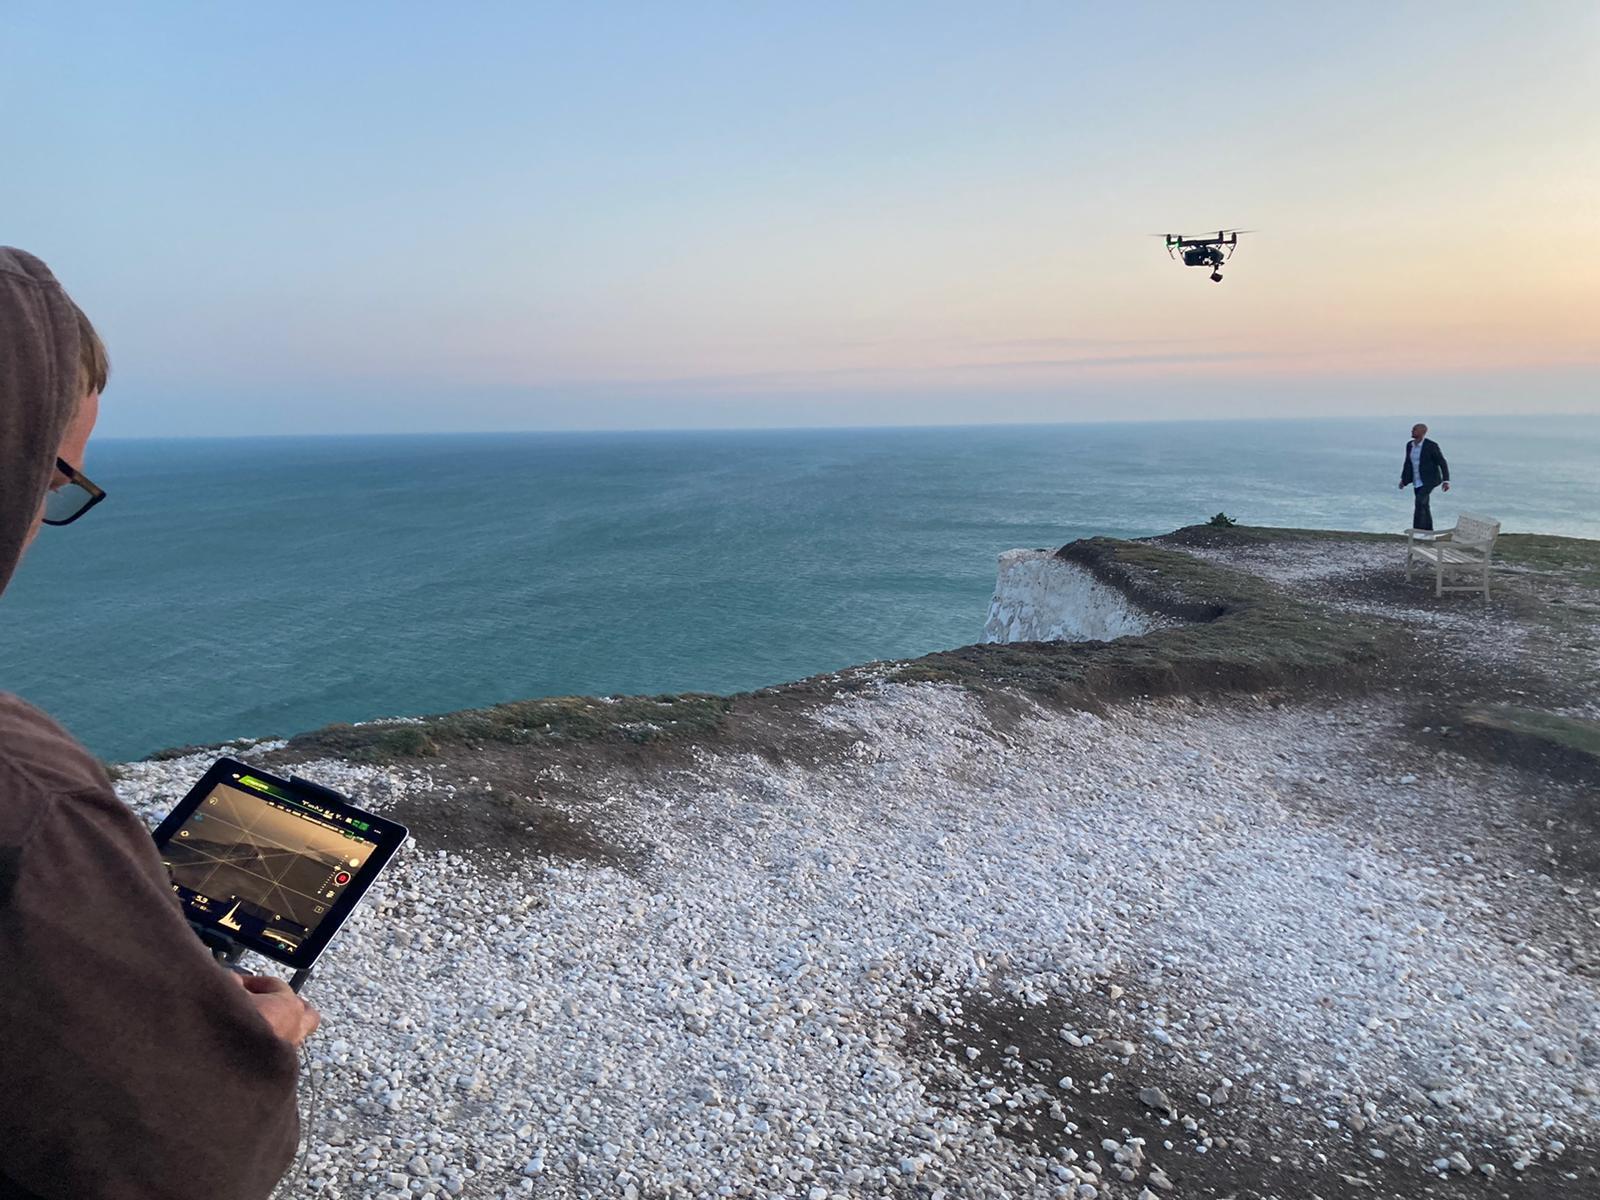 Drone - Inspire 2